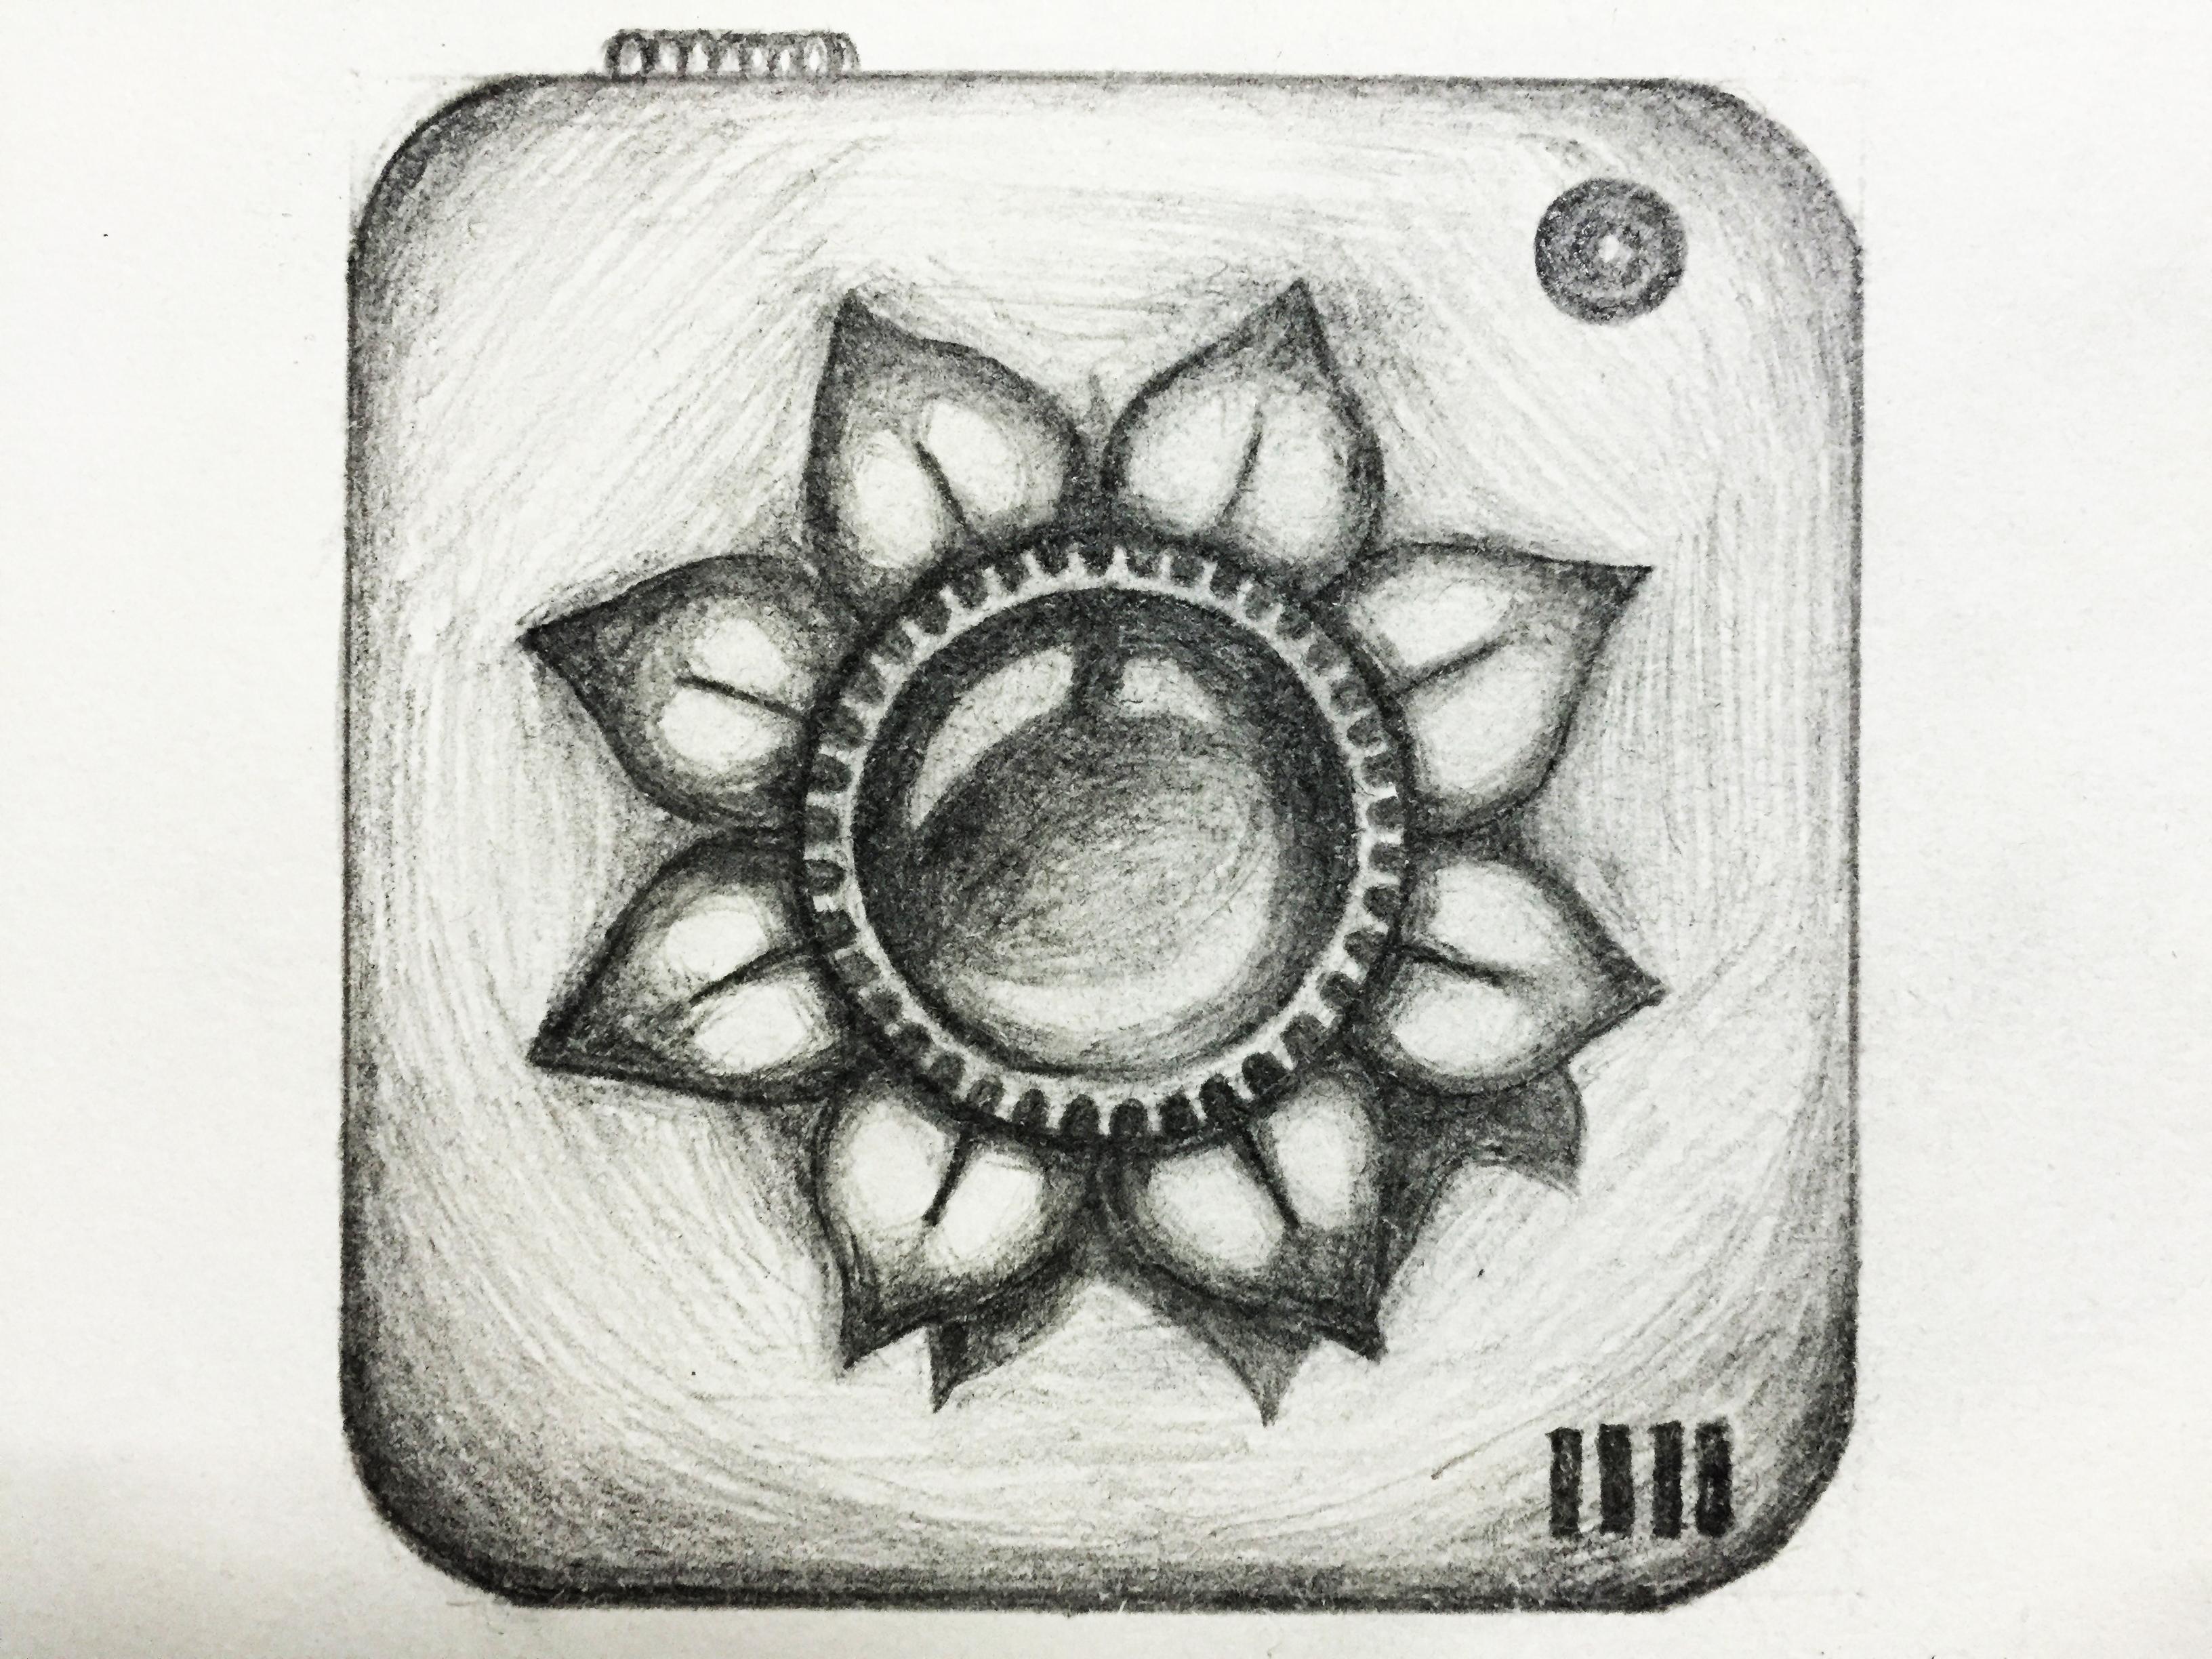 手绘之相机图标|ui|图标|喵喵桑 - 原创作品 - 站酷